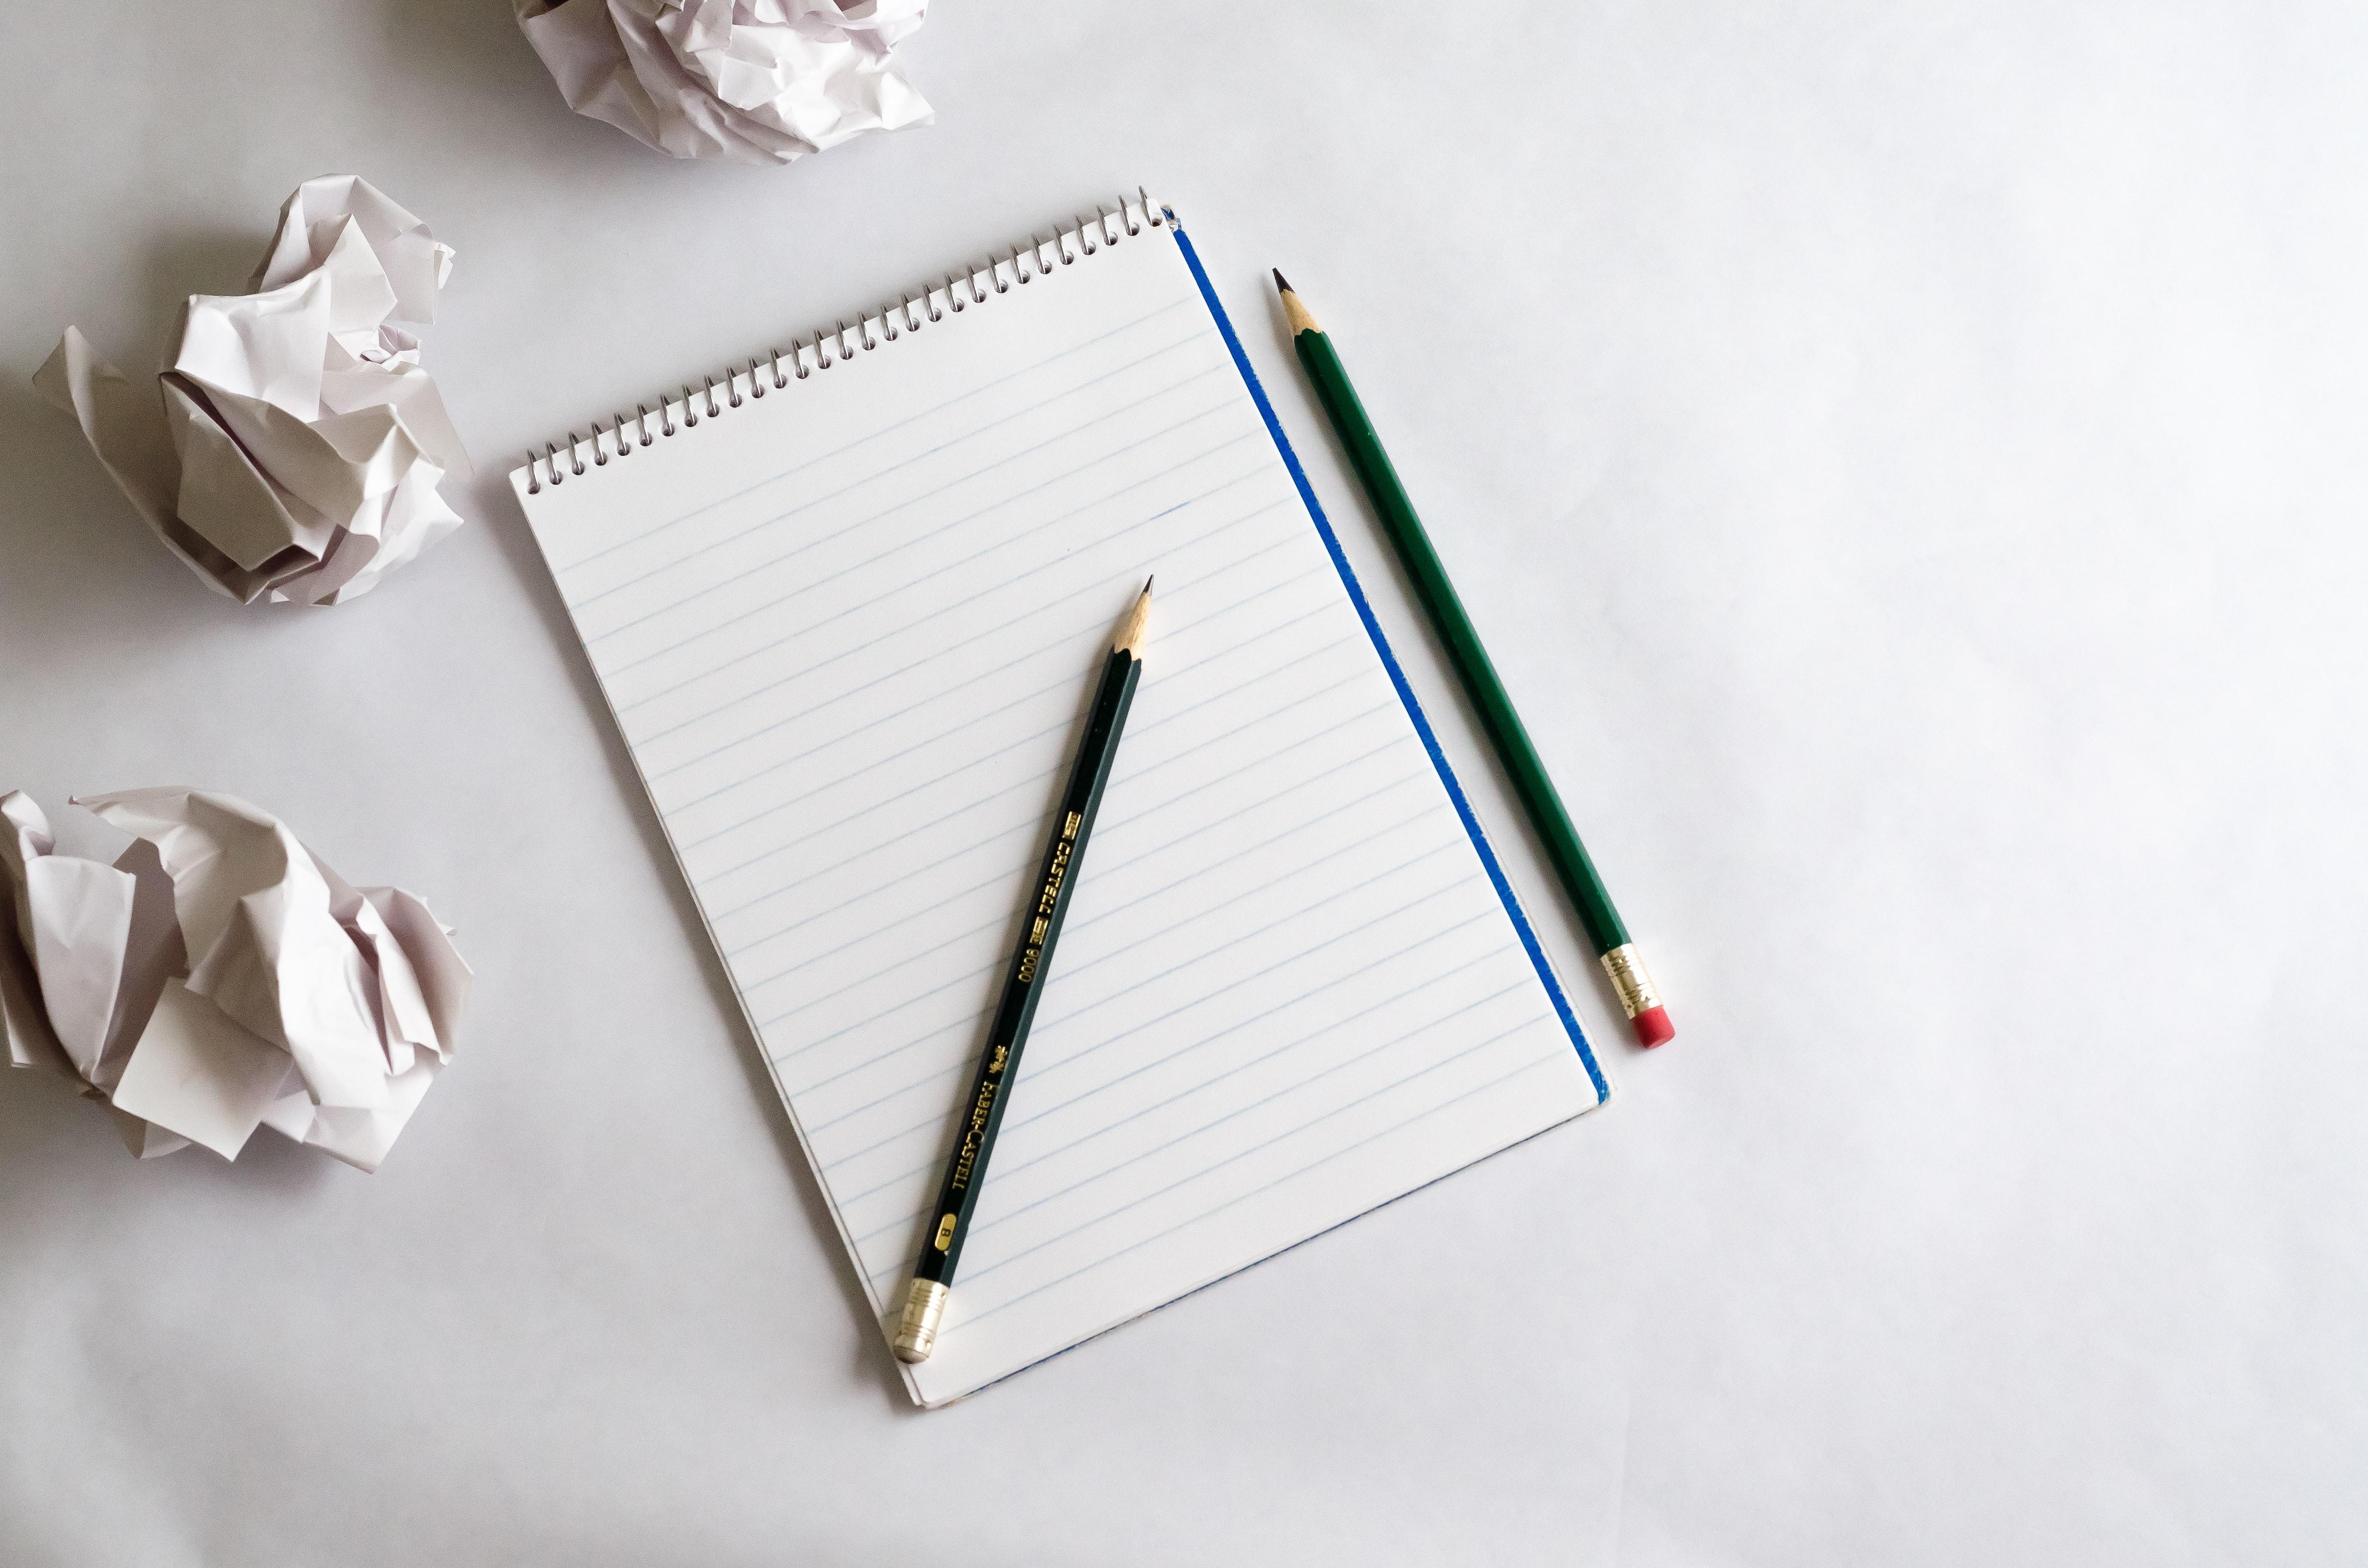 امروز را با چه هدف و انگیزهای آغاز کردهای ؟